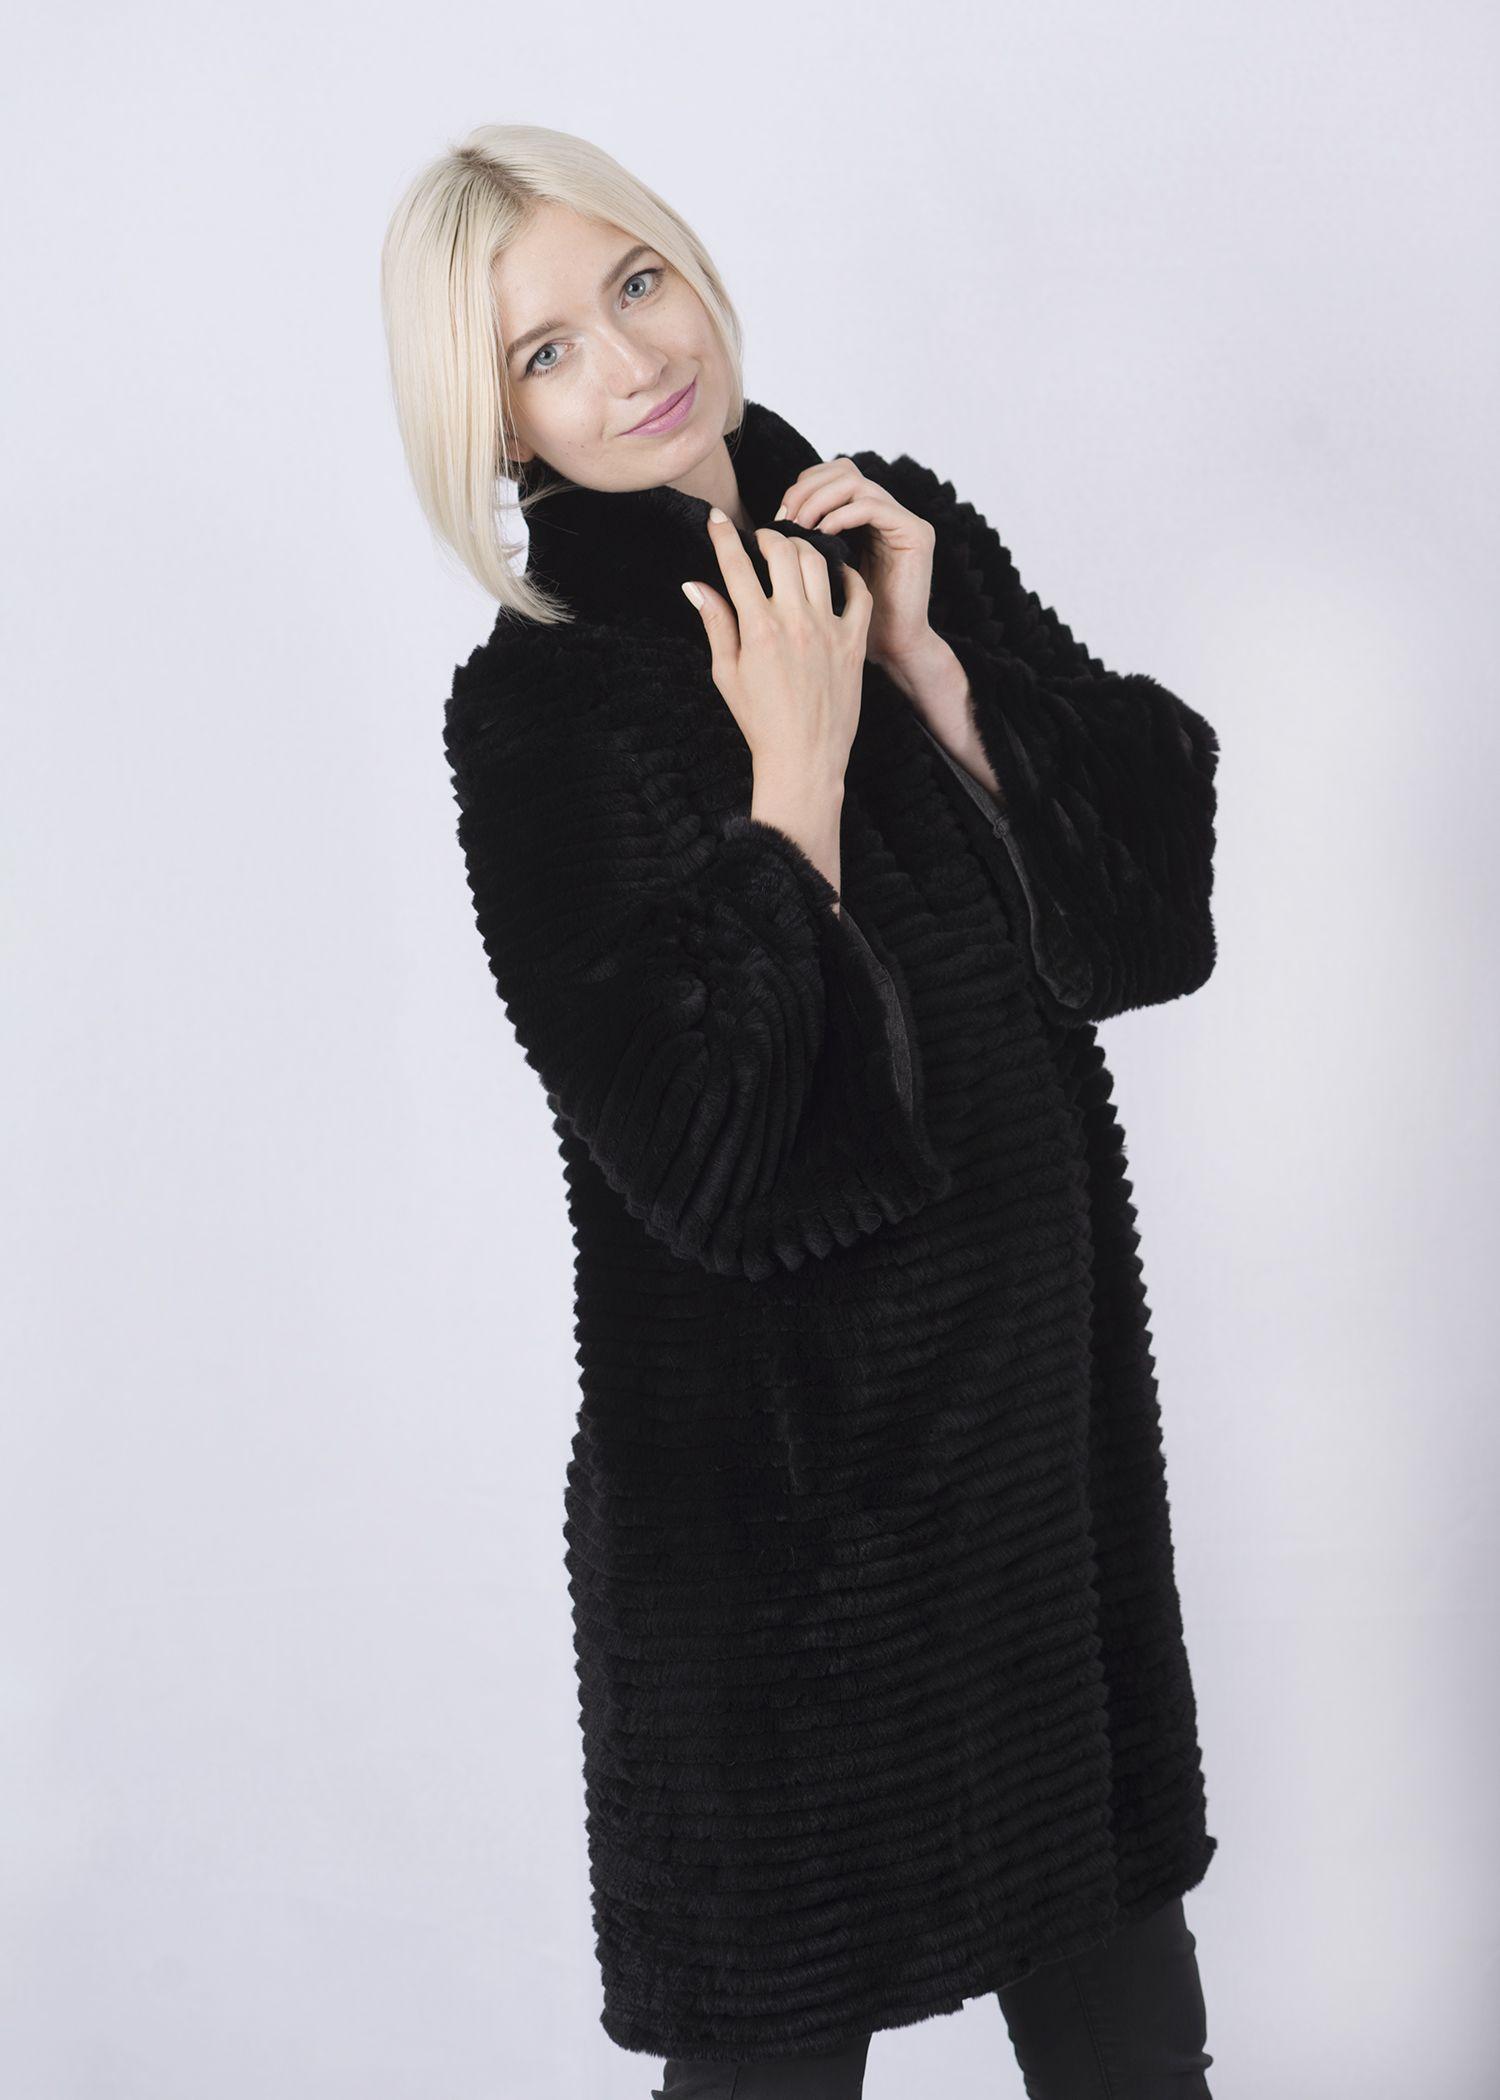 Кофта женская из меха рекса w-02В фото №1